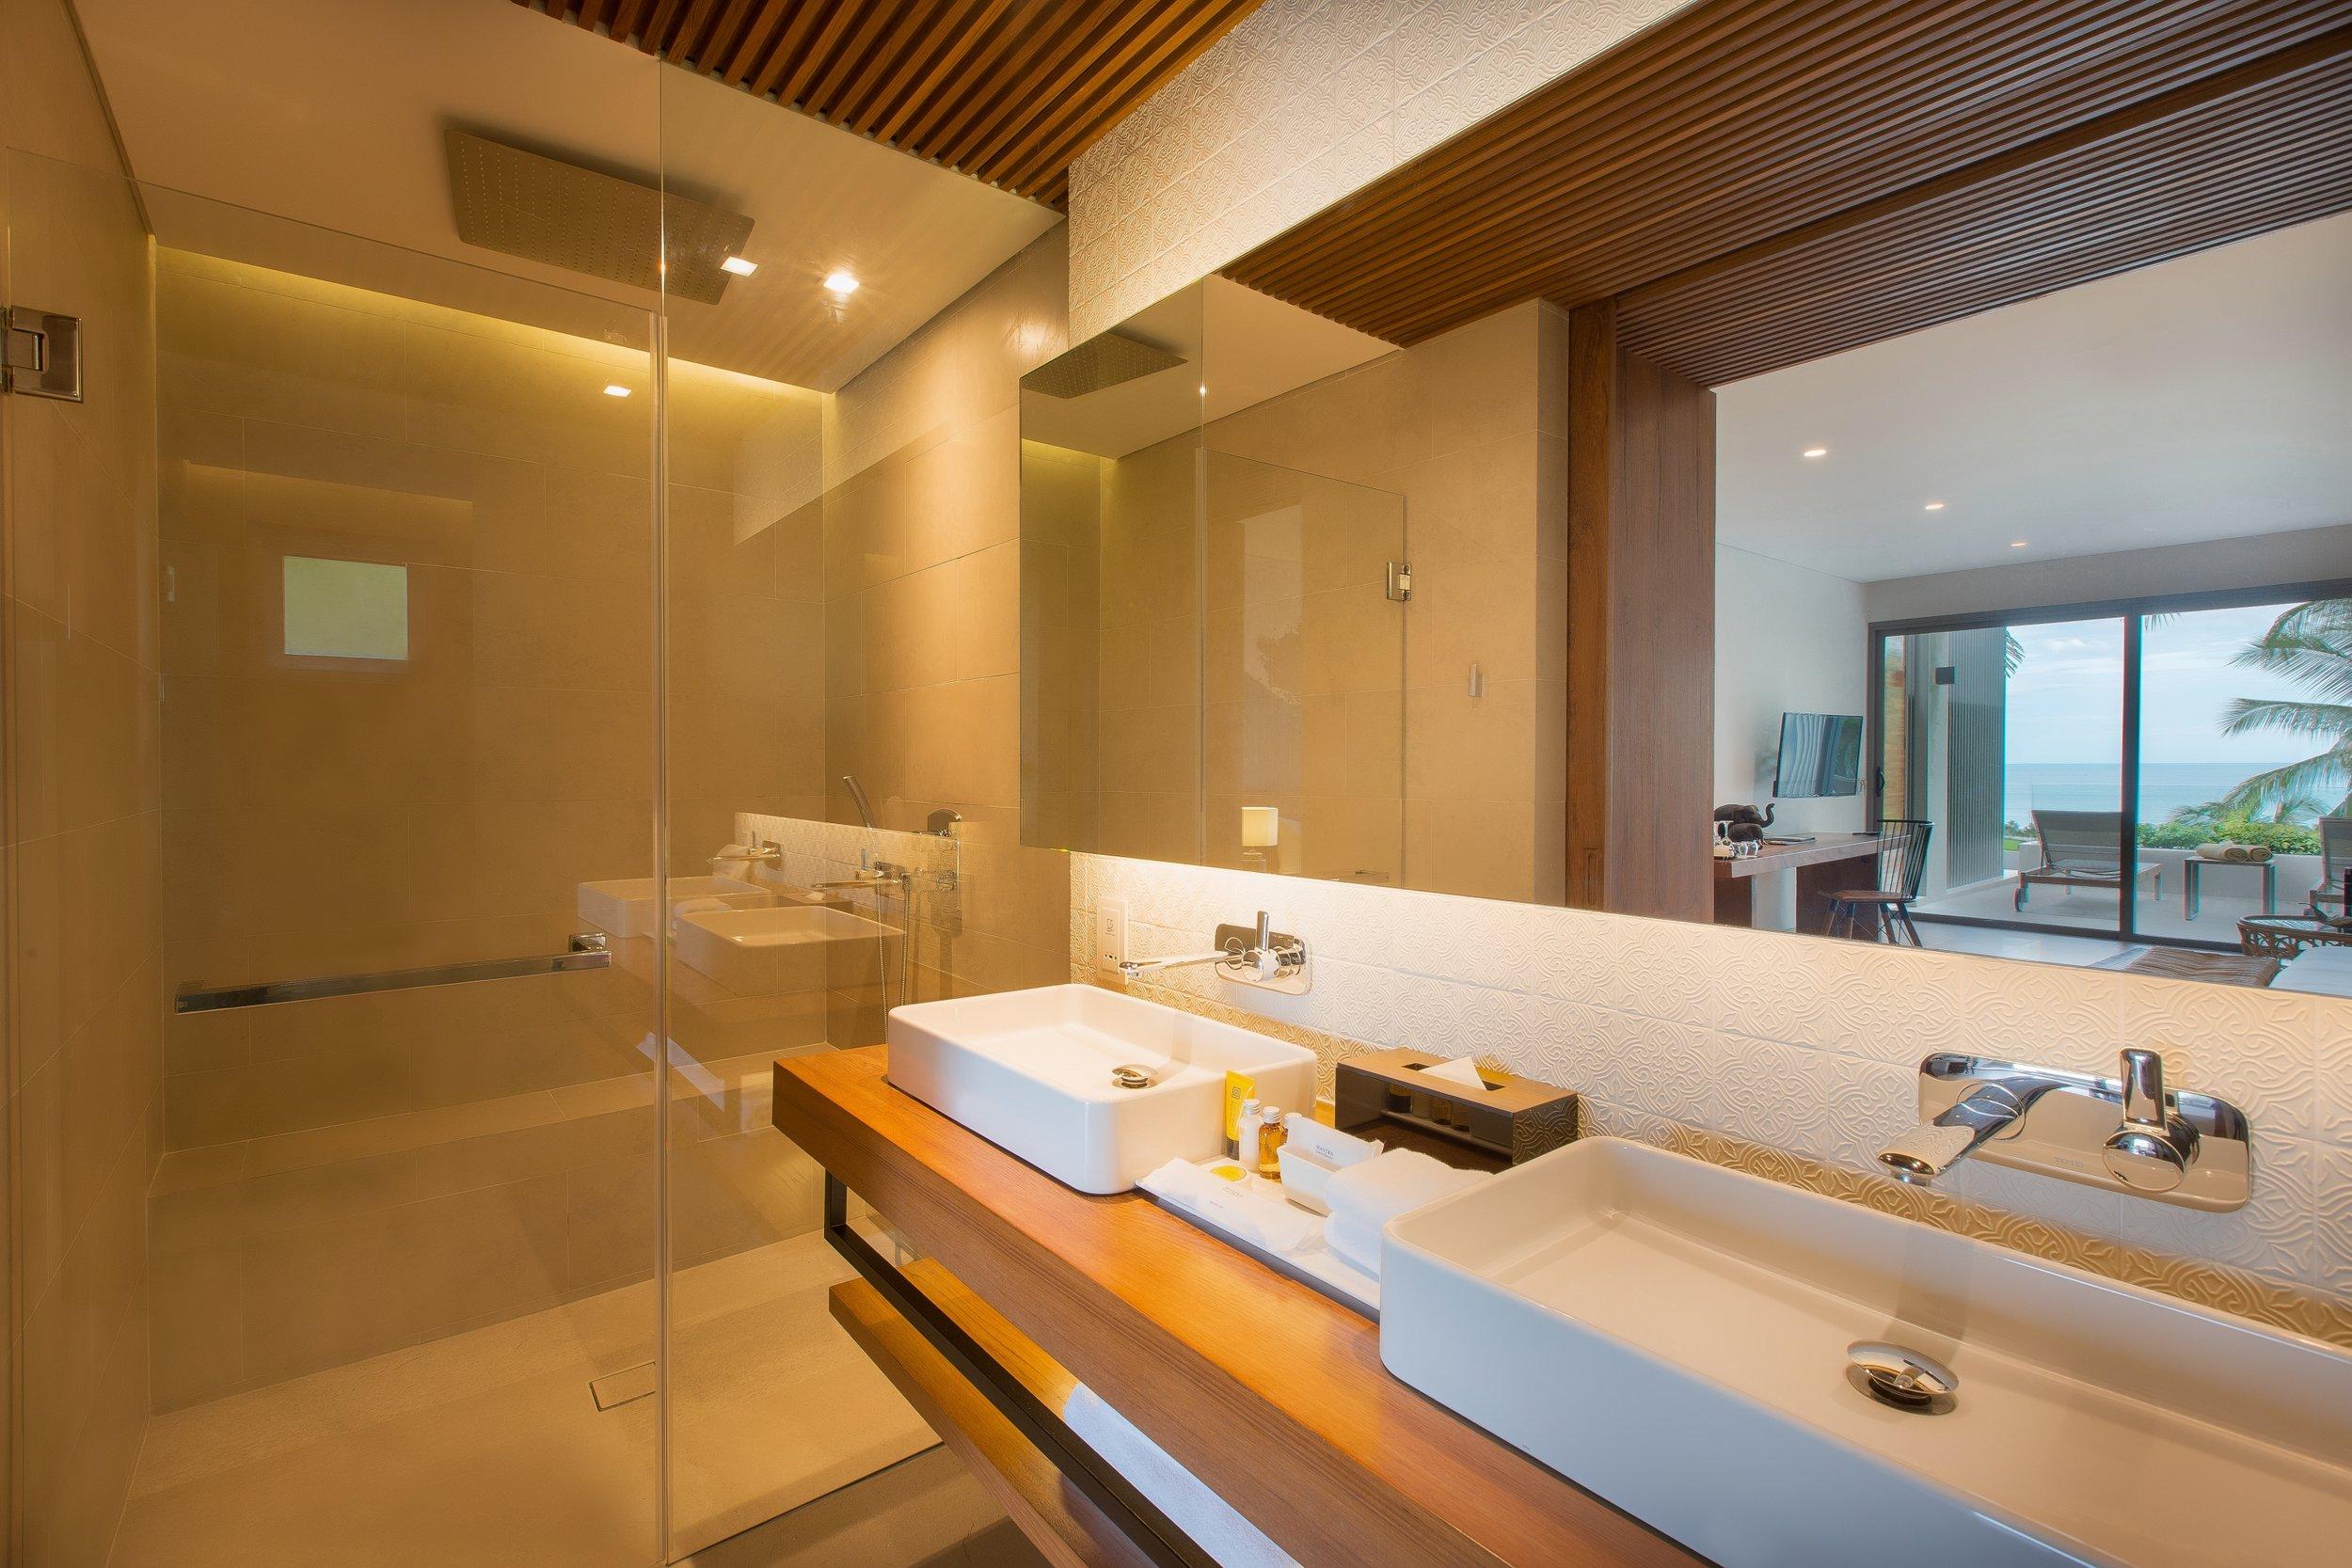 batch_Deluxe Room Bathroom.jpg